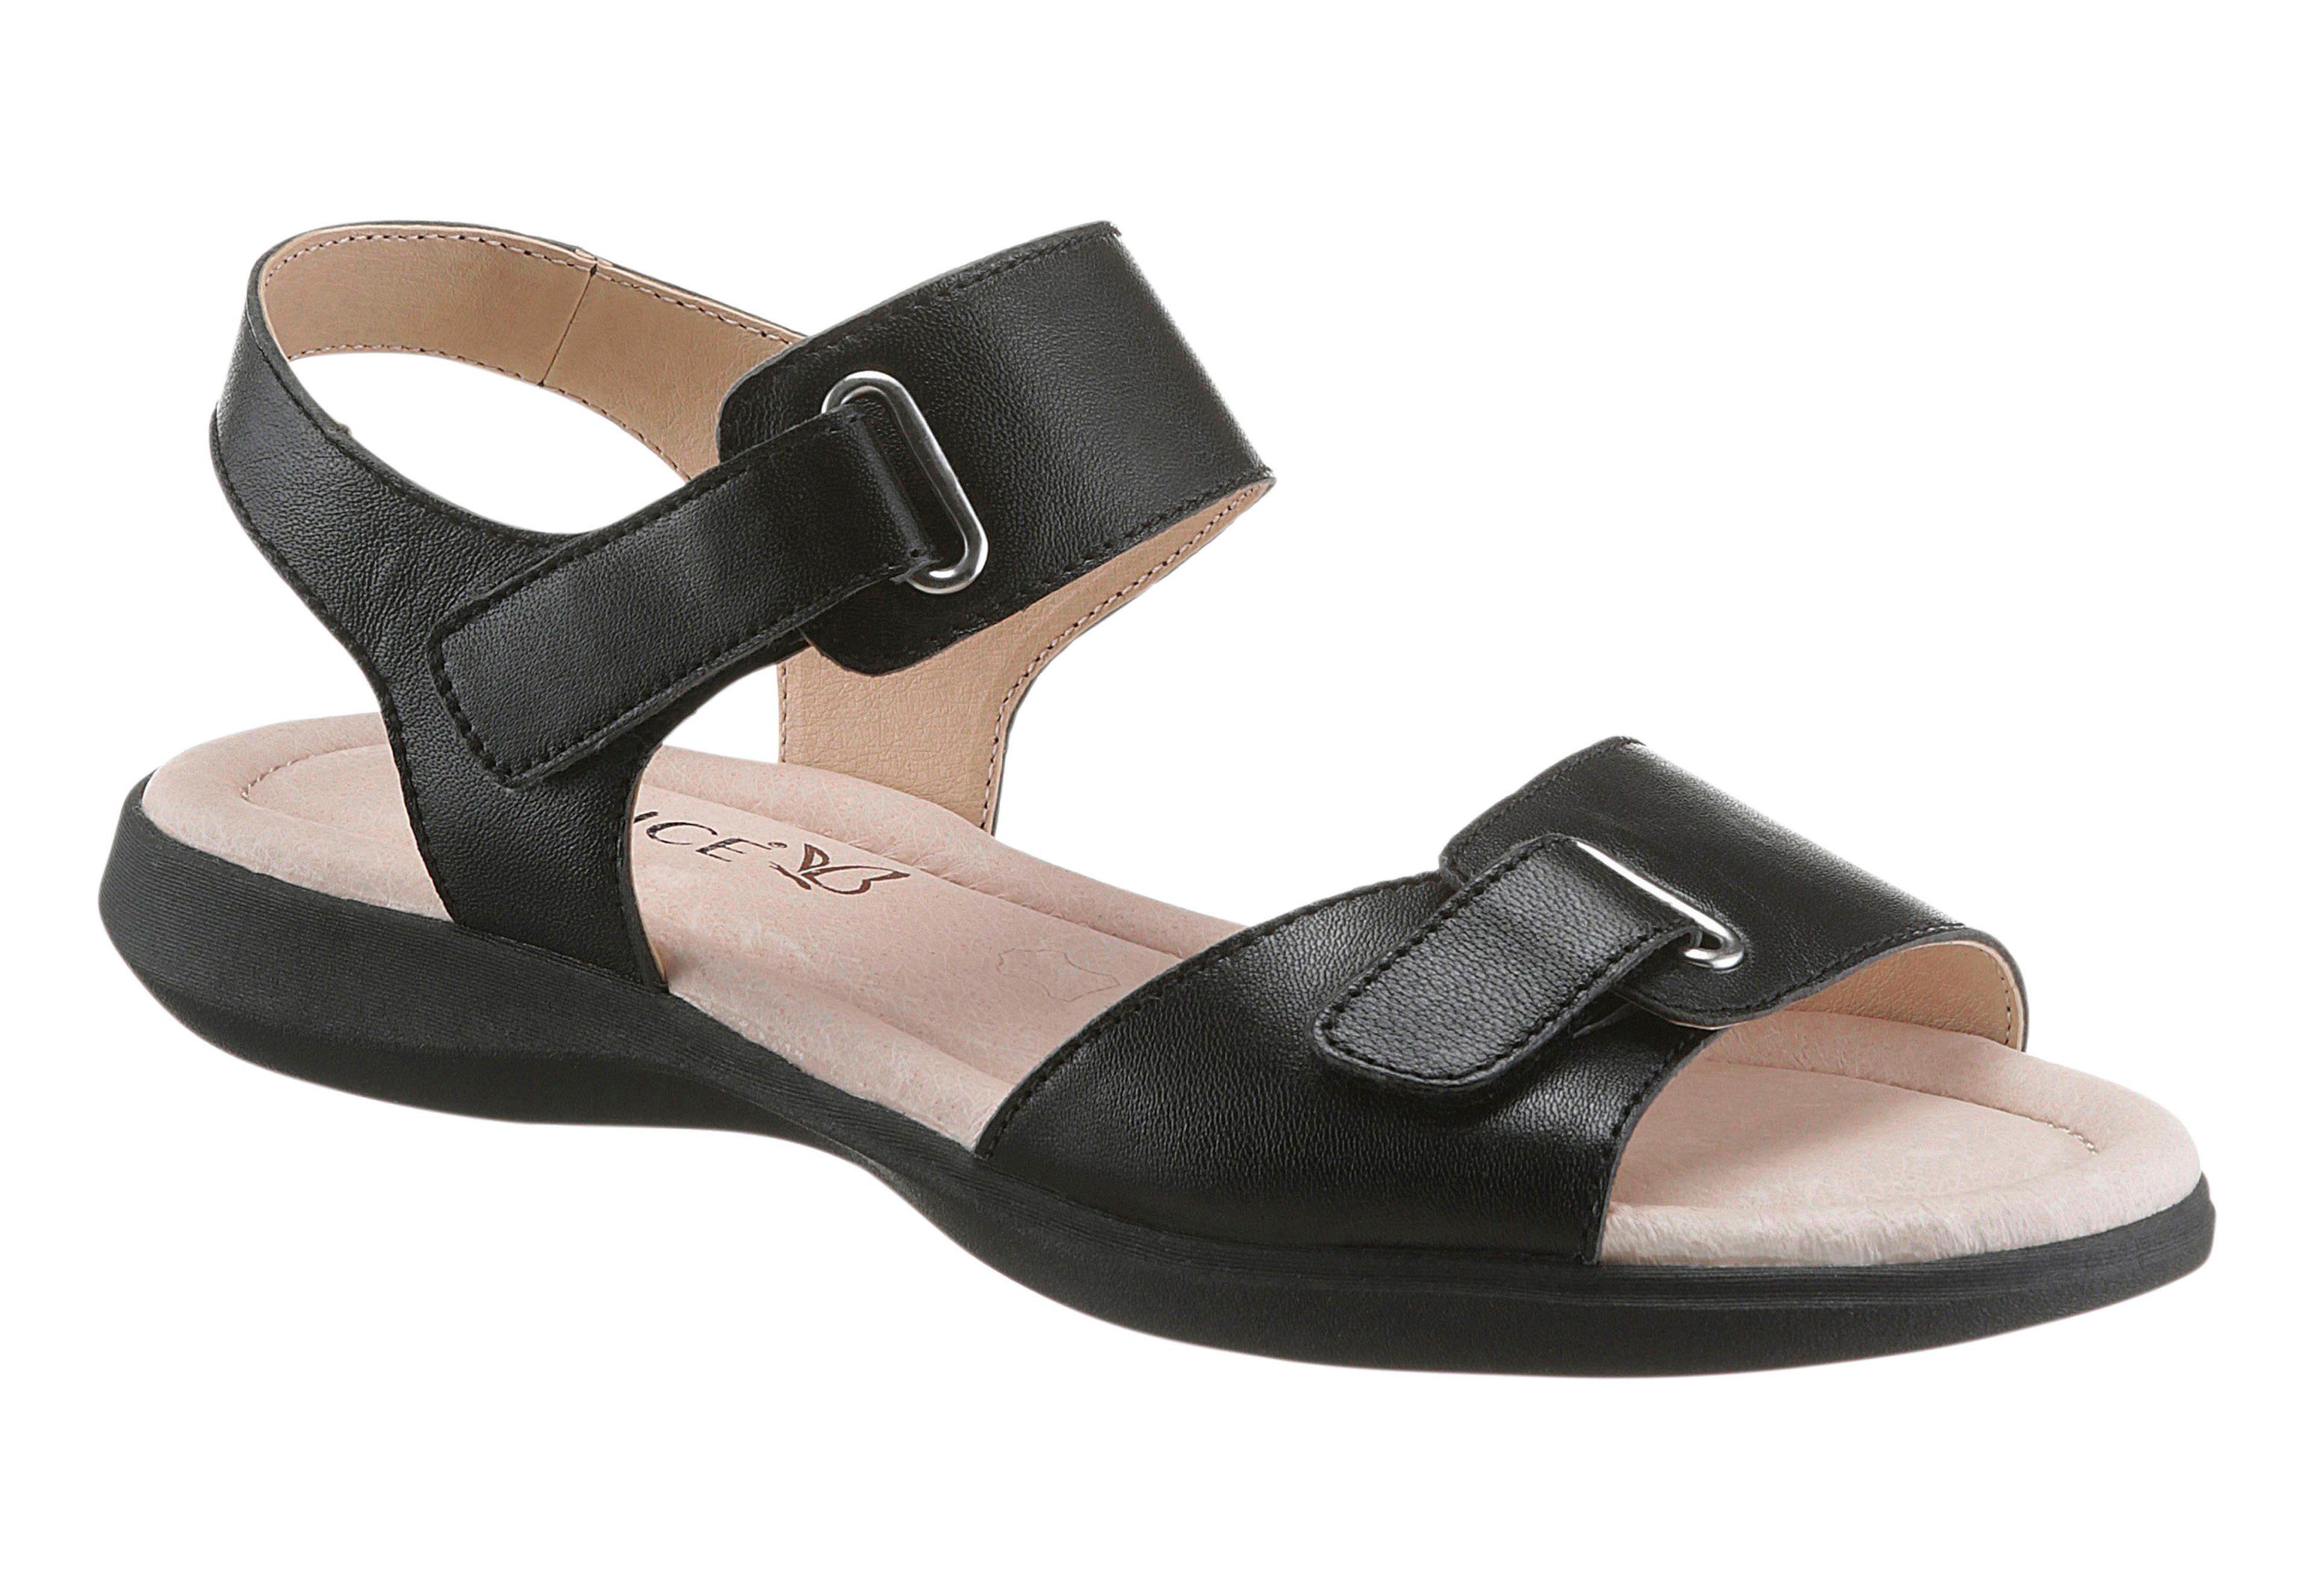 Caprice Sandalette mit rutschhemmender TR-Laufsohle online kaufen  schwarz